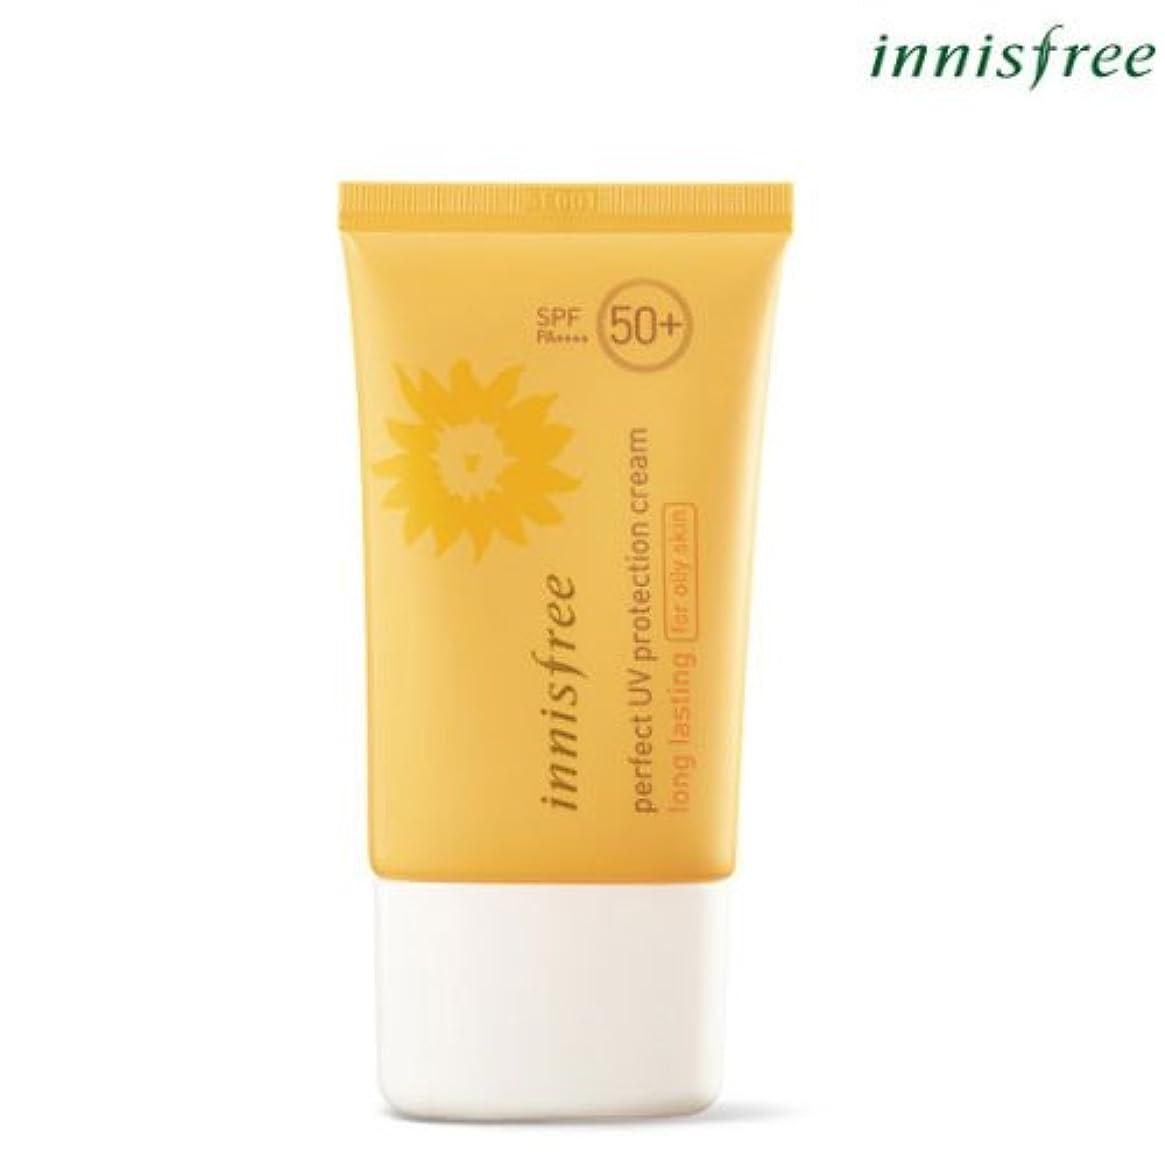 めまいがパラナ川アミューズメント[INNISFREE]イニスフリーパーフェクト UV プロテクション クリームロングラスティング[オイリー肌のためFOR OILY SKIN]SPF50+ PA++++ 50mL perfect UV protection cream long lasting for oily skin SPF50+ PA++++ 50mL [並行輸入品]